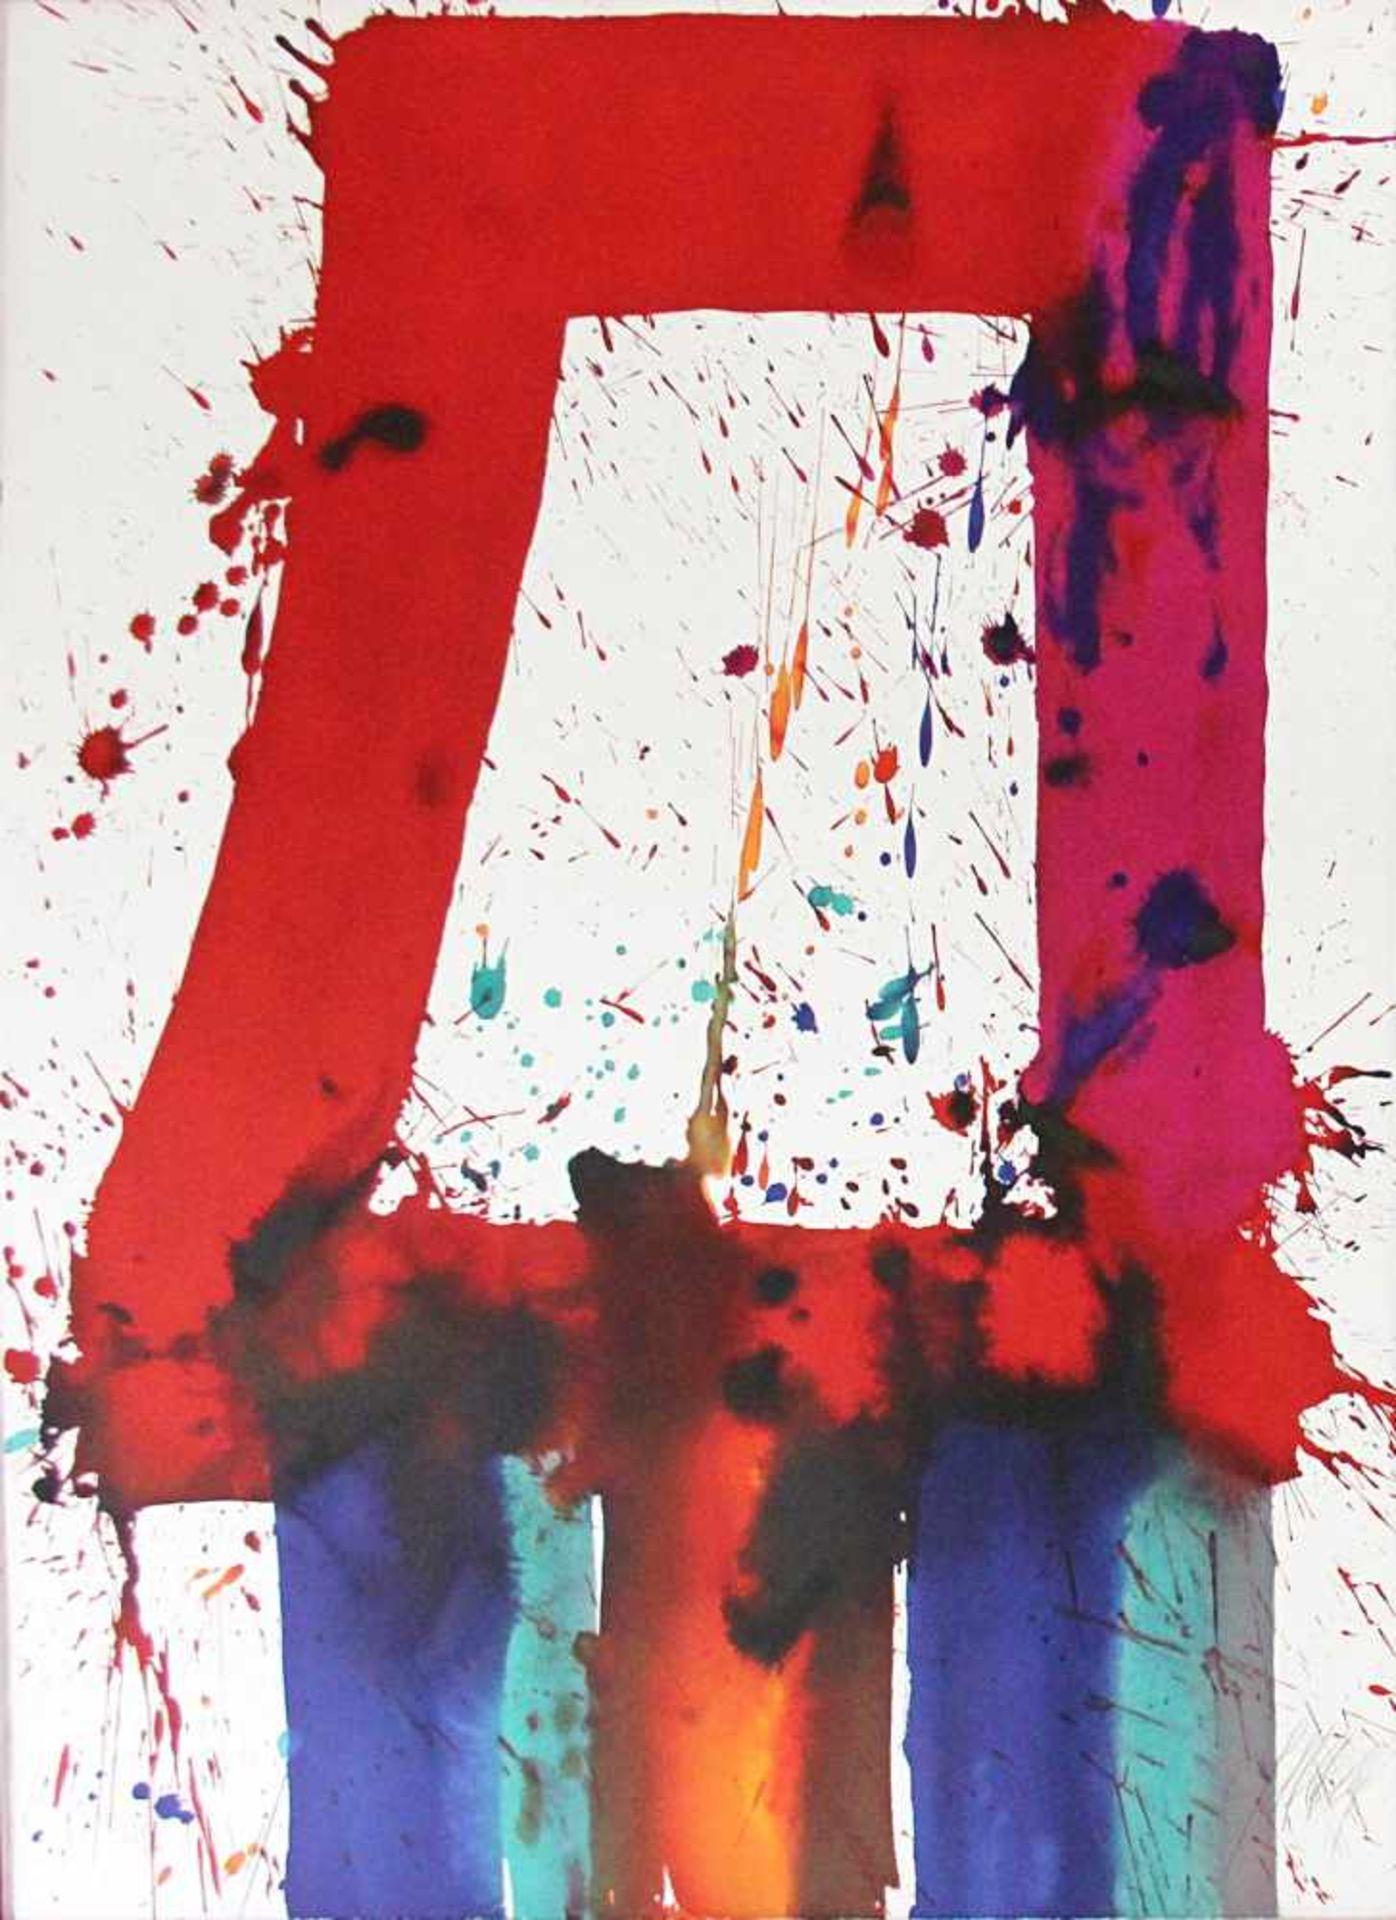 Markus Prachensky 1932-2011 Etruria Blues 2012 Farblithographie stempelsigniert und nummeriert 76,